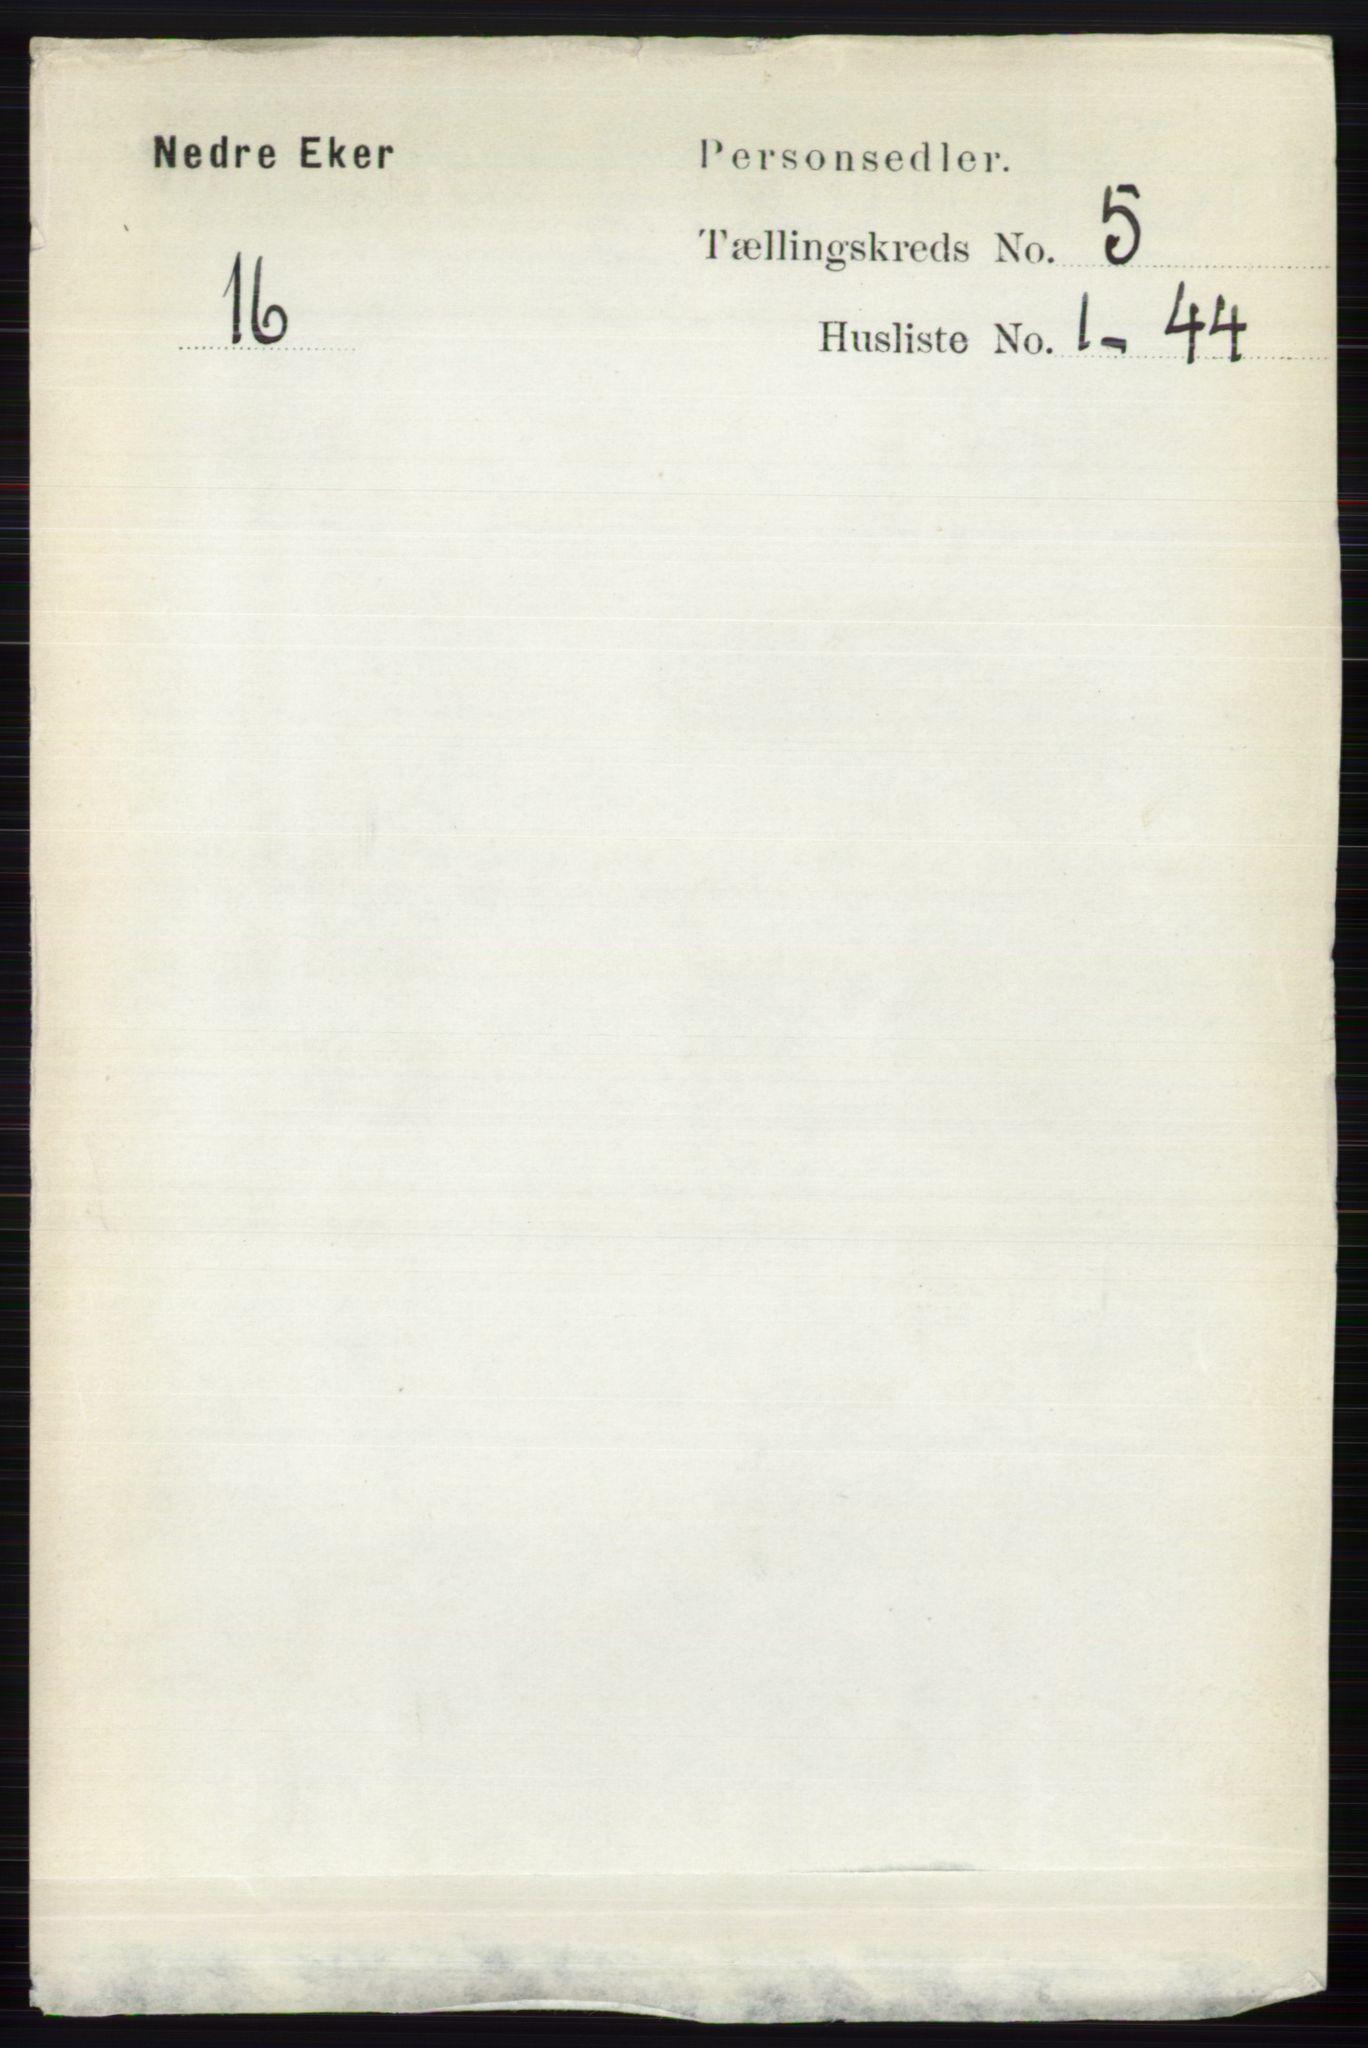 RA, Folketelling 1891 for 0625 Nedre Eiker herred, 1891, s. 2335